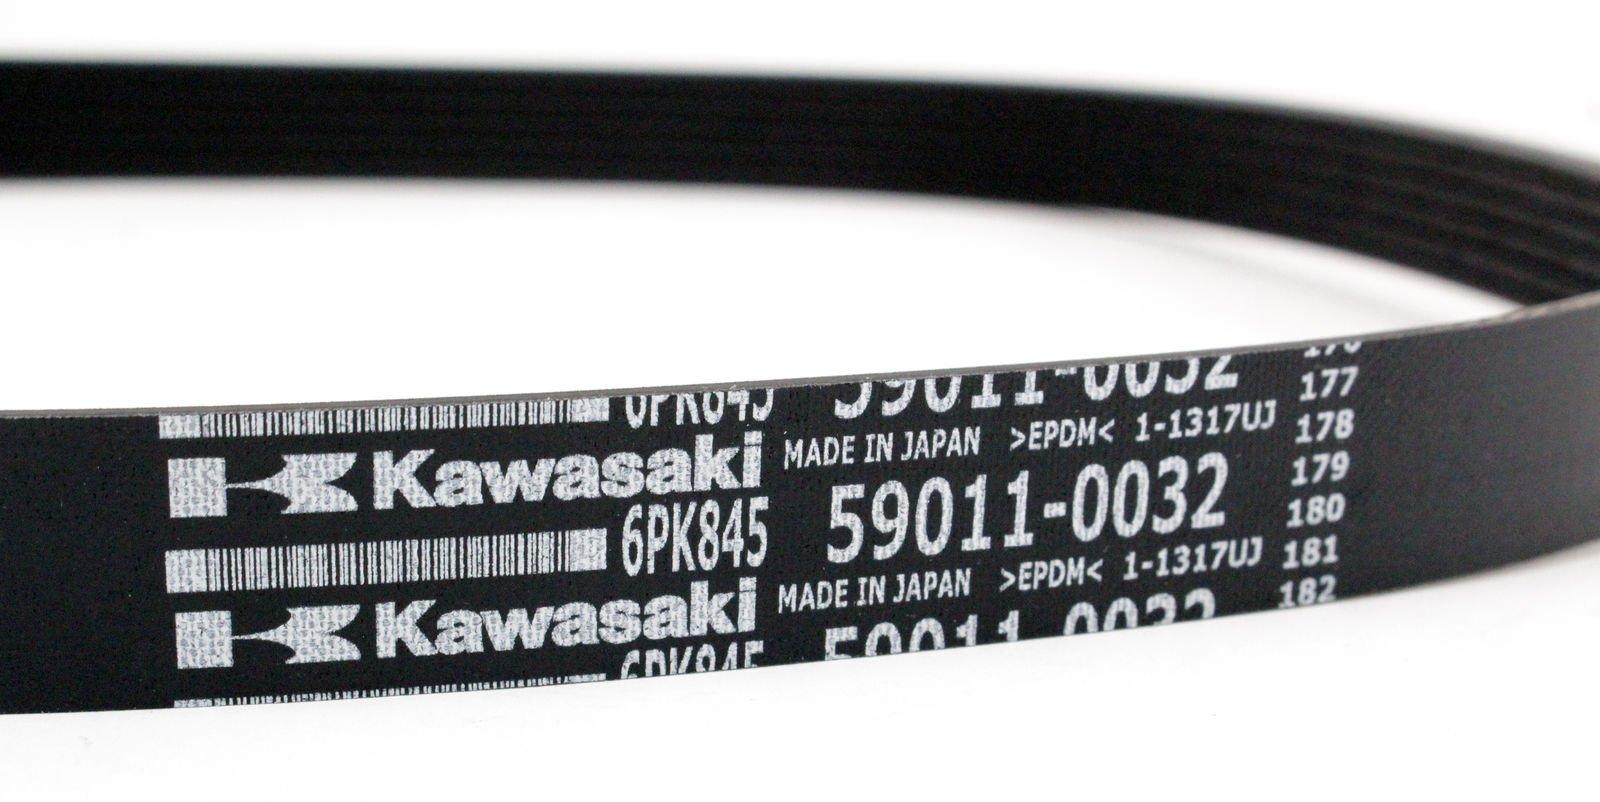 Kawasaki 2011-2018 Jet Ski Ultra 300Lx Jet Ski Ultra 310X Se 6Pk845 Belt 59011-0032 New Oem by Kawasaki (Image #2)